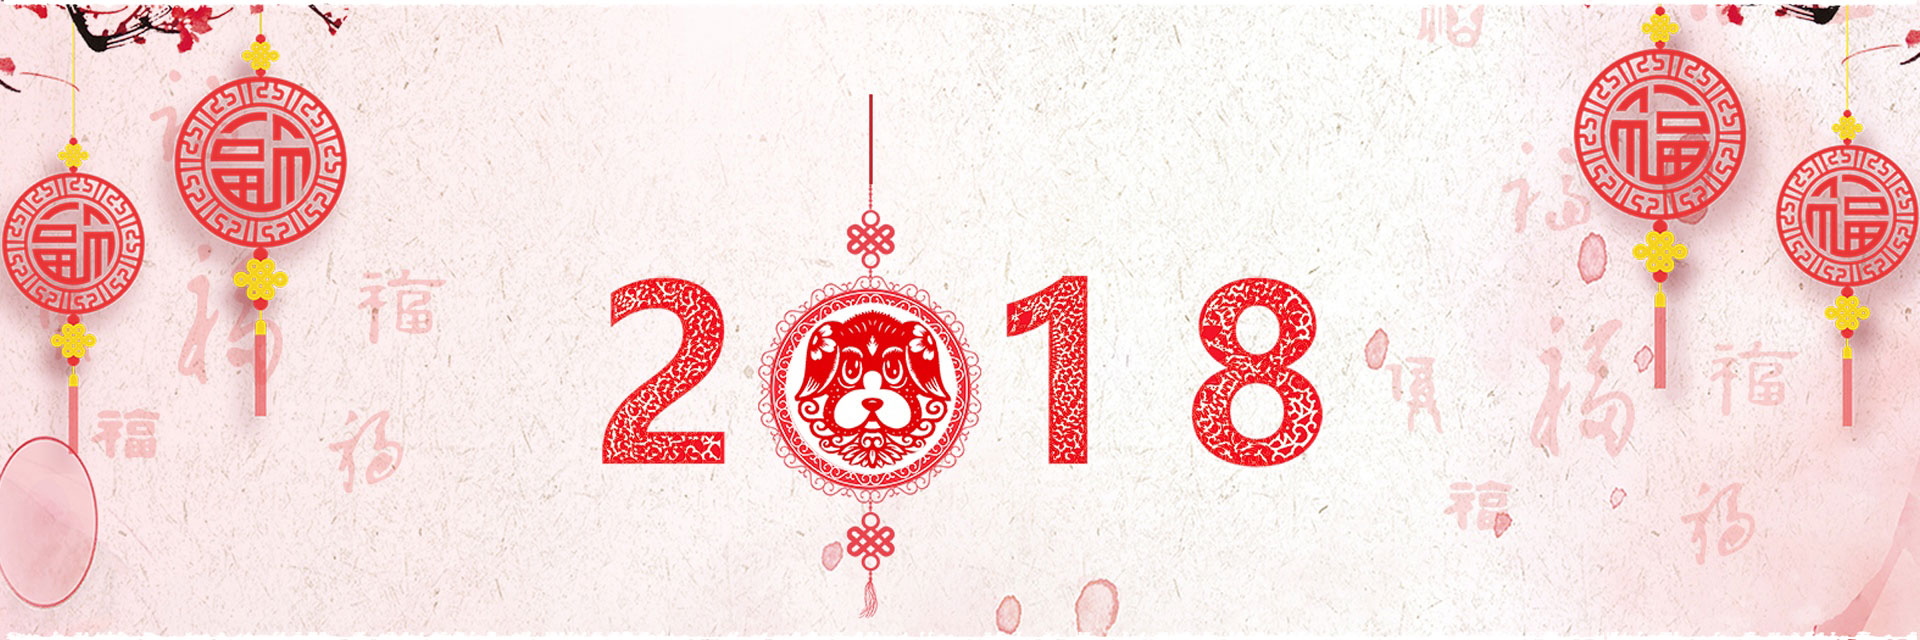 2018 : année du chien de terre.